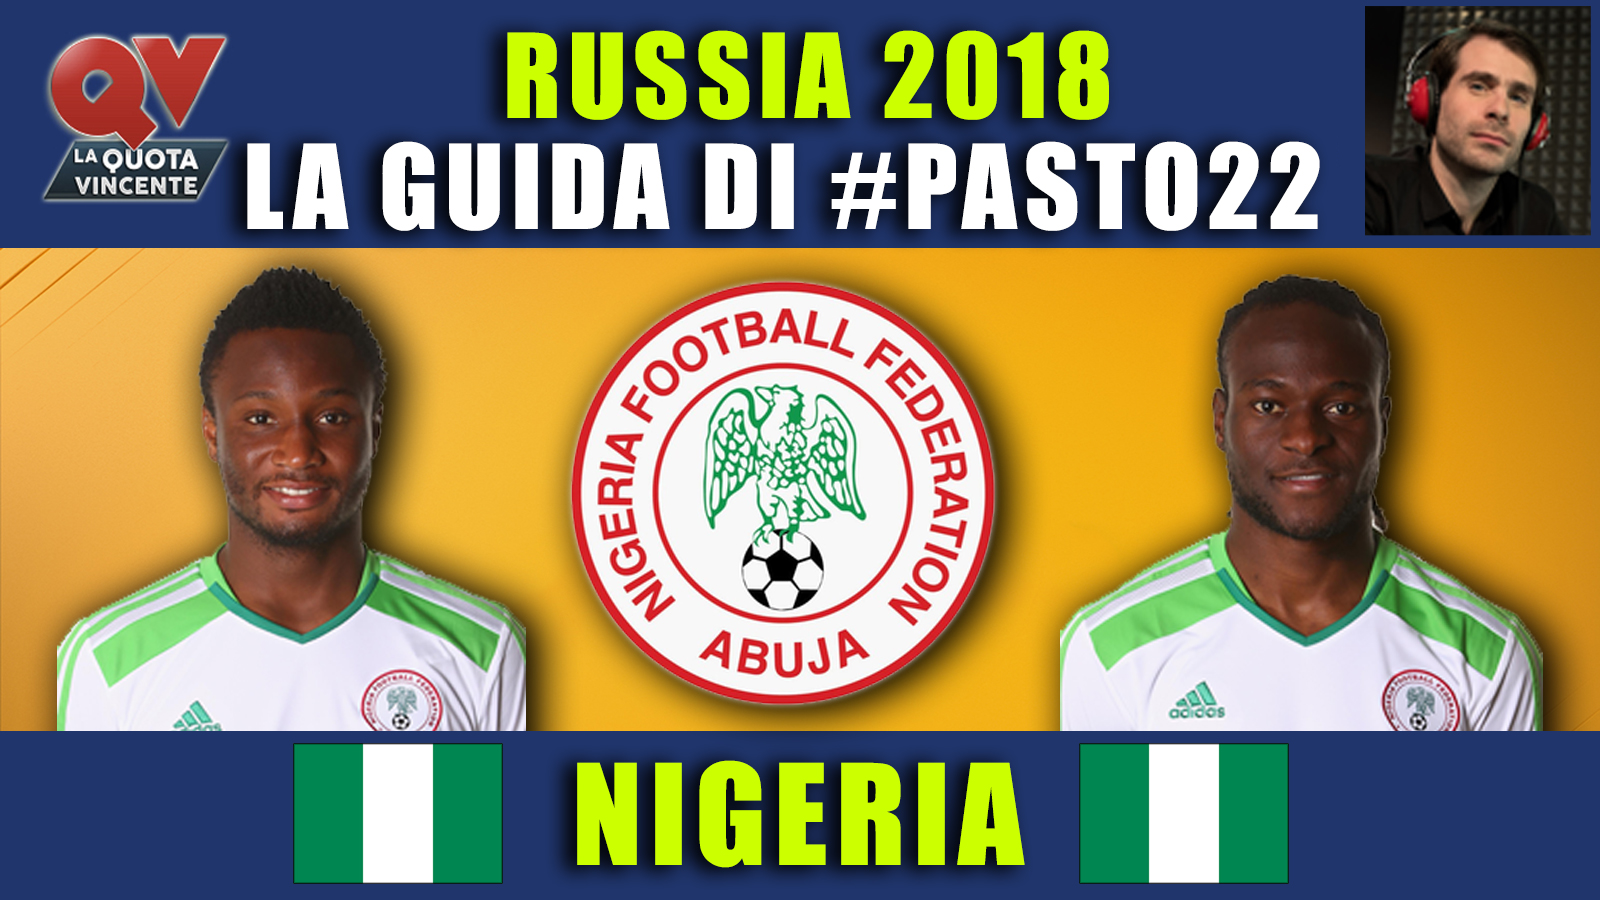 Guida Mondiali Russia 2018 Nigeria